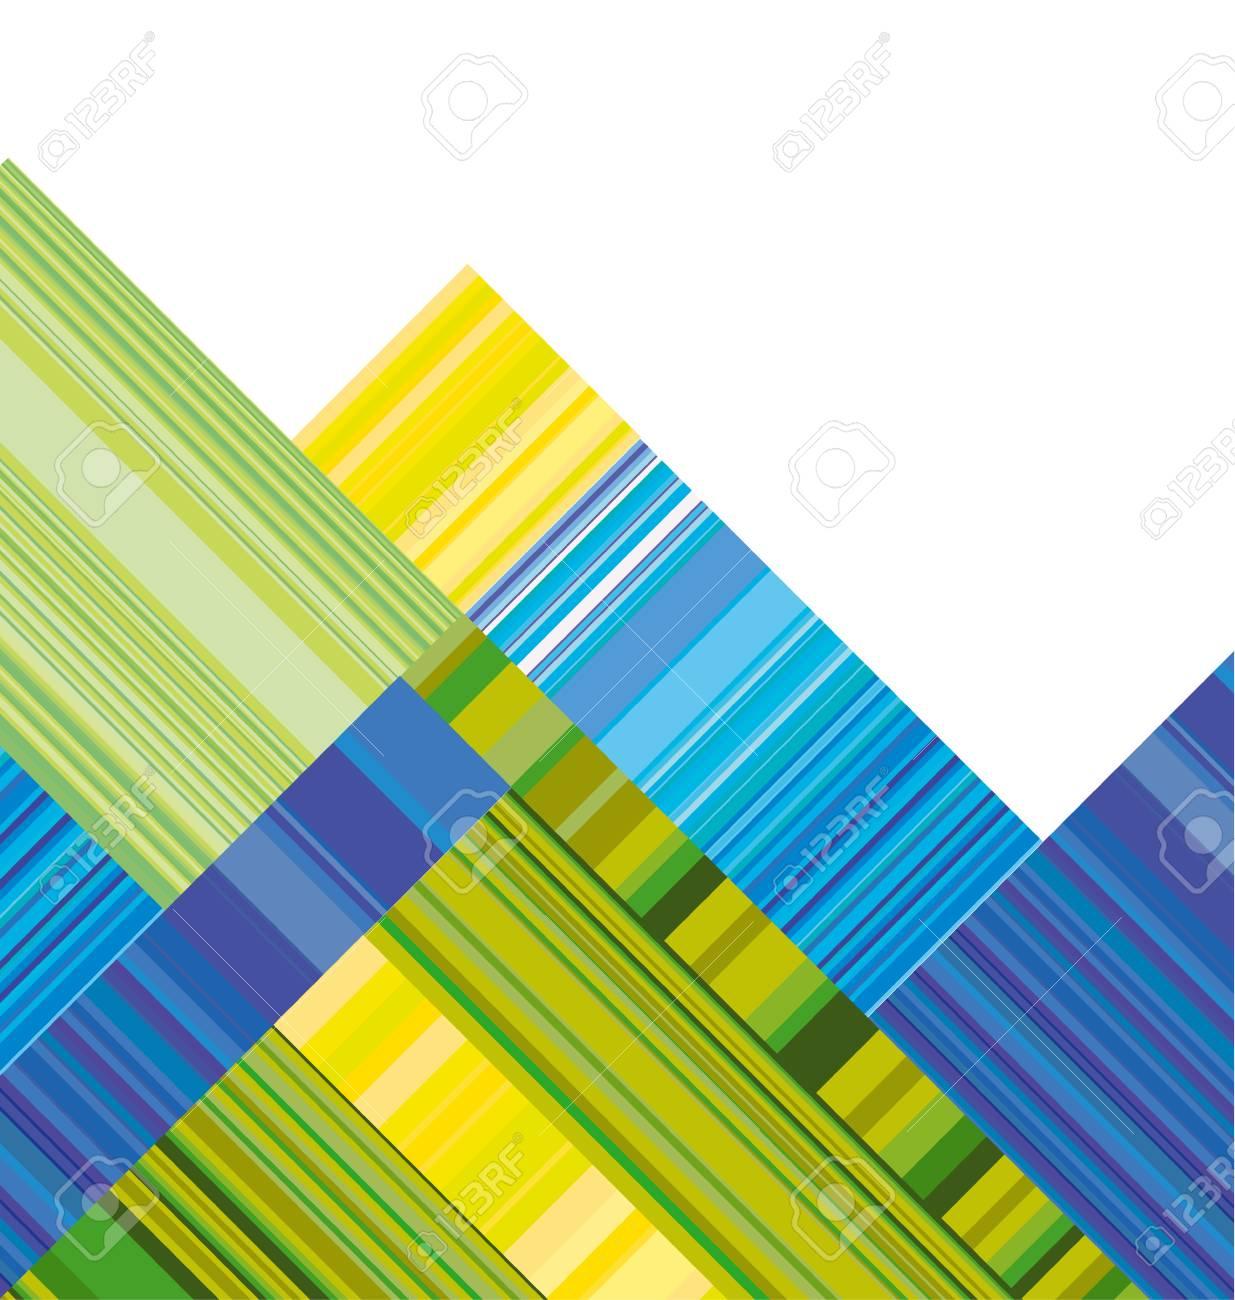 Muster Tapete. Geometrischen Hintergrund. Blaue Und Grüne Vektor Header Mit  Buntem Streifen. Linie Streifen Stil Farbe Design.